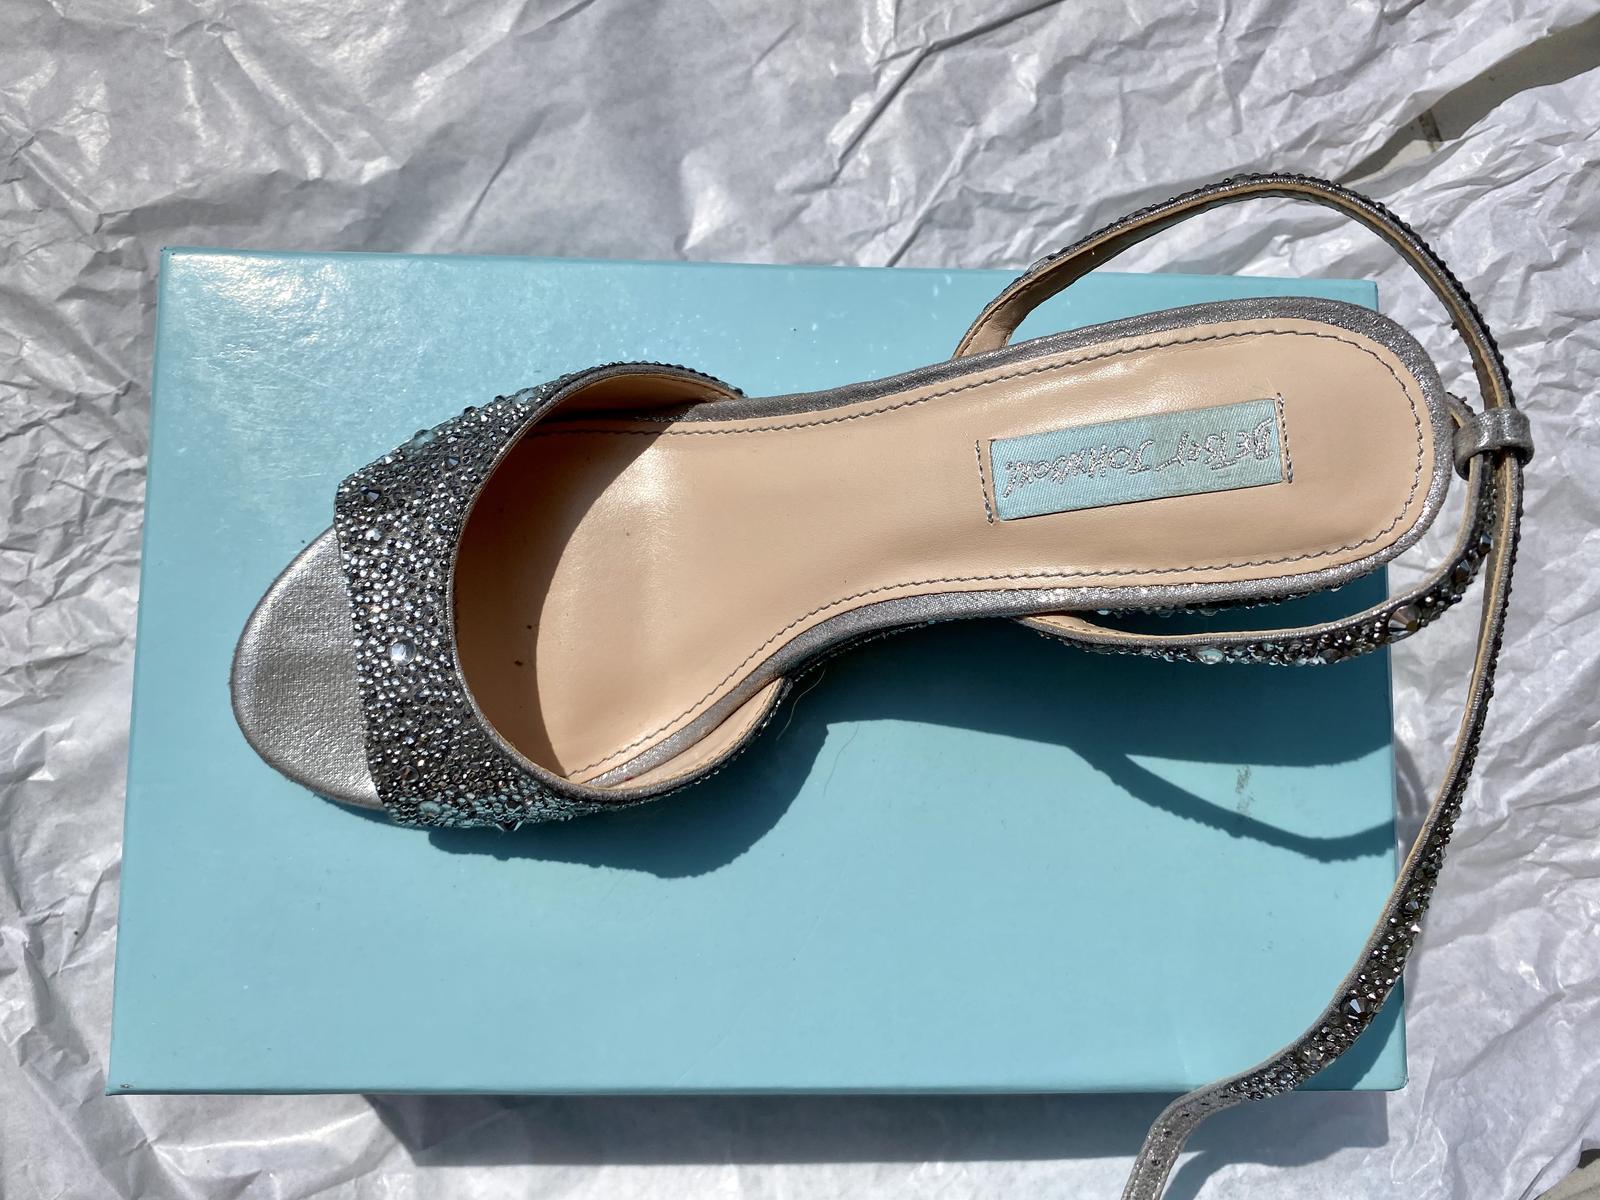 Svatební botičky s kamínky - Obrázek č. 2